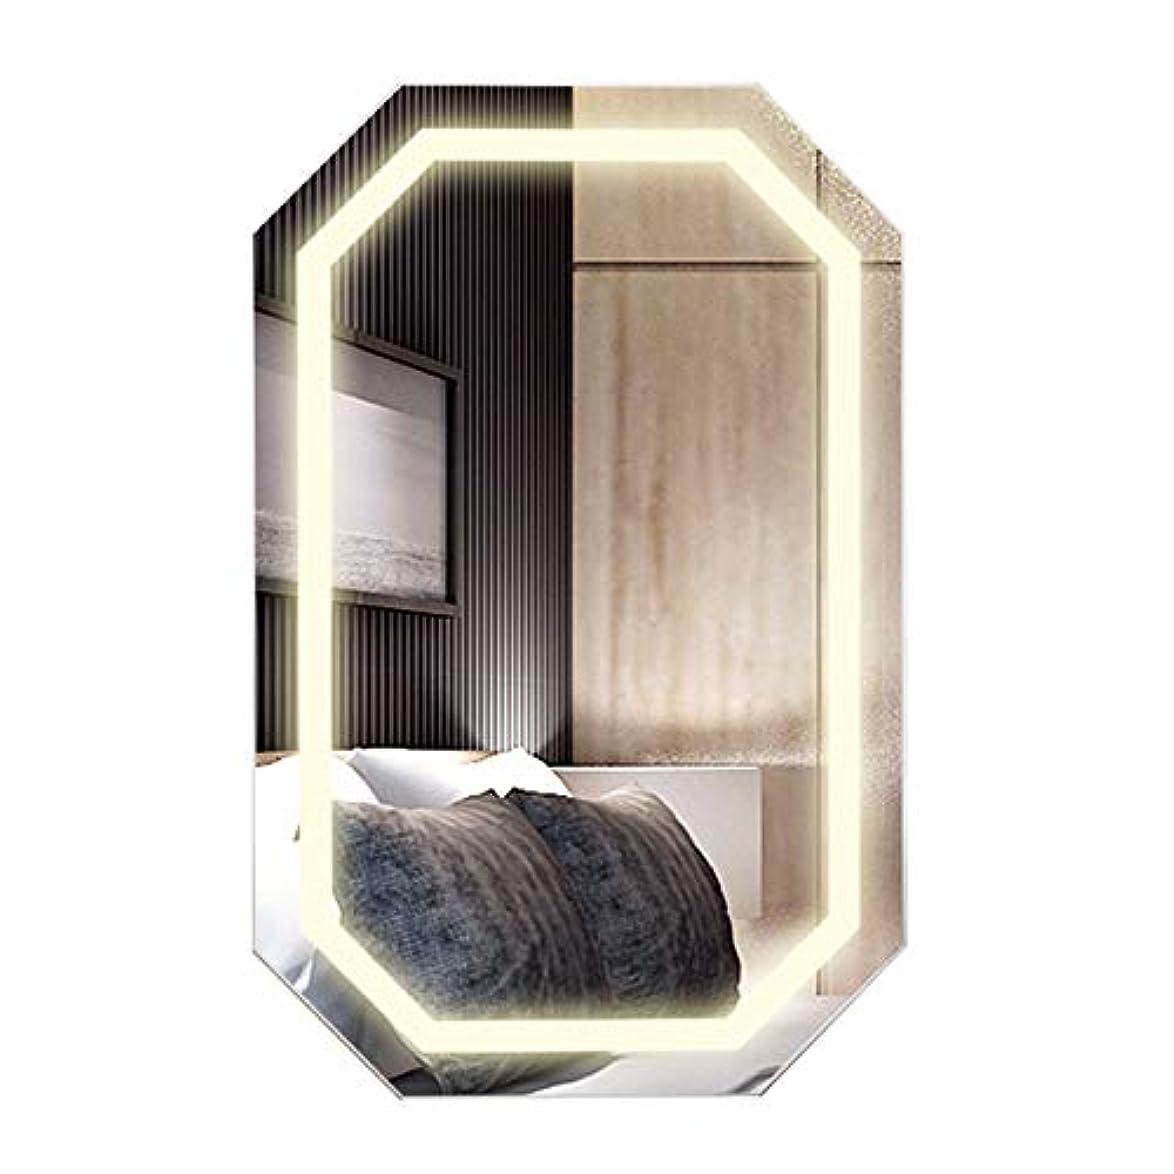 知事キャラクター生じる化粧品ホルダー、壁掛け化粧鏡、寝室浴室多機能ストレージミラーキャビネット、木製家庭用スマートLedランプジュエリーキャビネットNayang Store